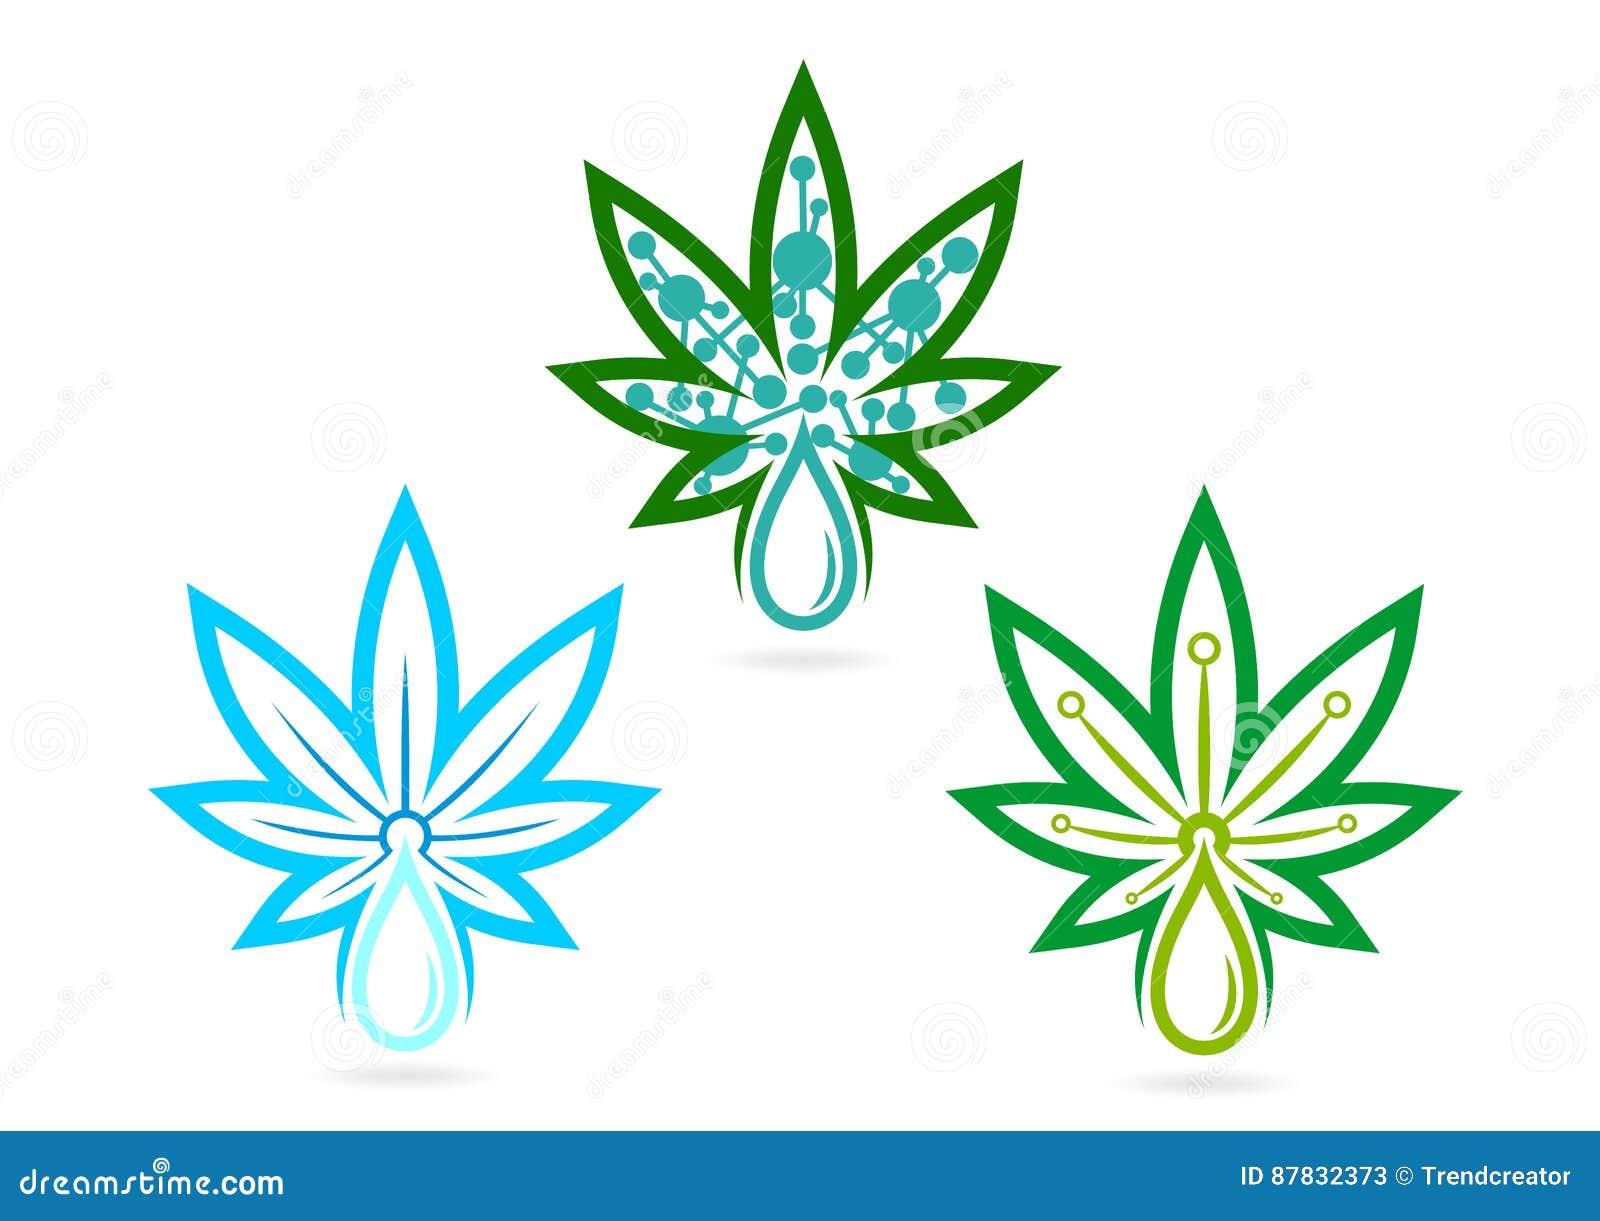 Logotipo de la hoja infusiones, hierba, skincare, marijuana, símbolo, icono del cáñamo, remedio, y diseño de concepto de la hoja